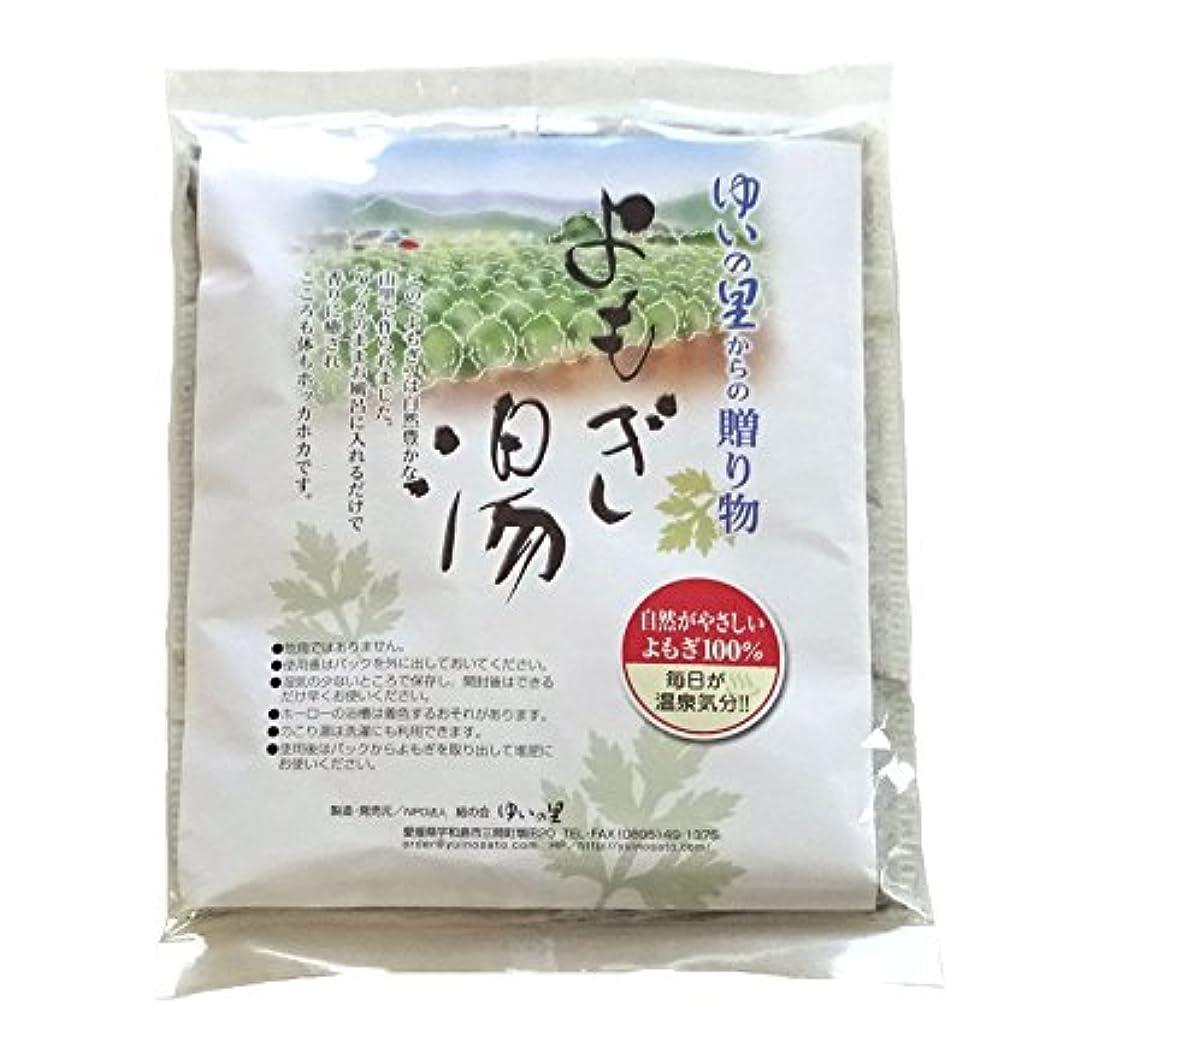 ドリンク大きなスケールで見ると会員よもぎ湯入浴パック (10パック入) 愛媛県産 自家栽培よもぎ100%使用